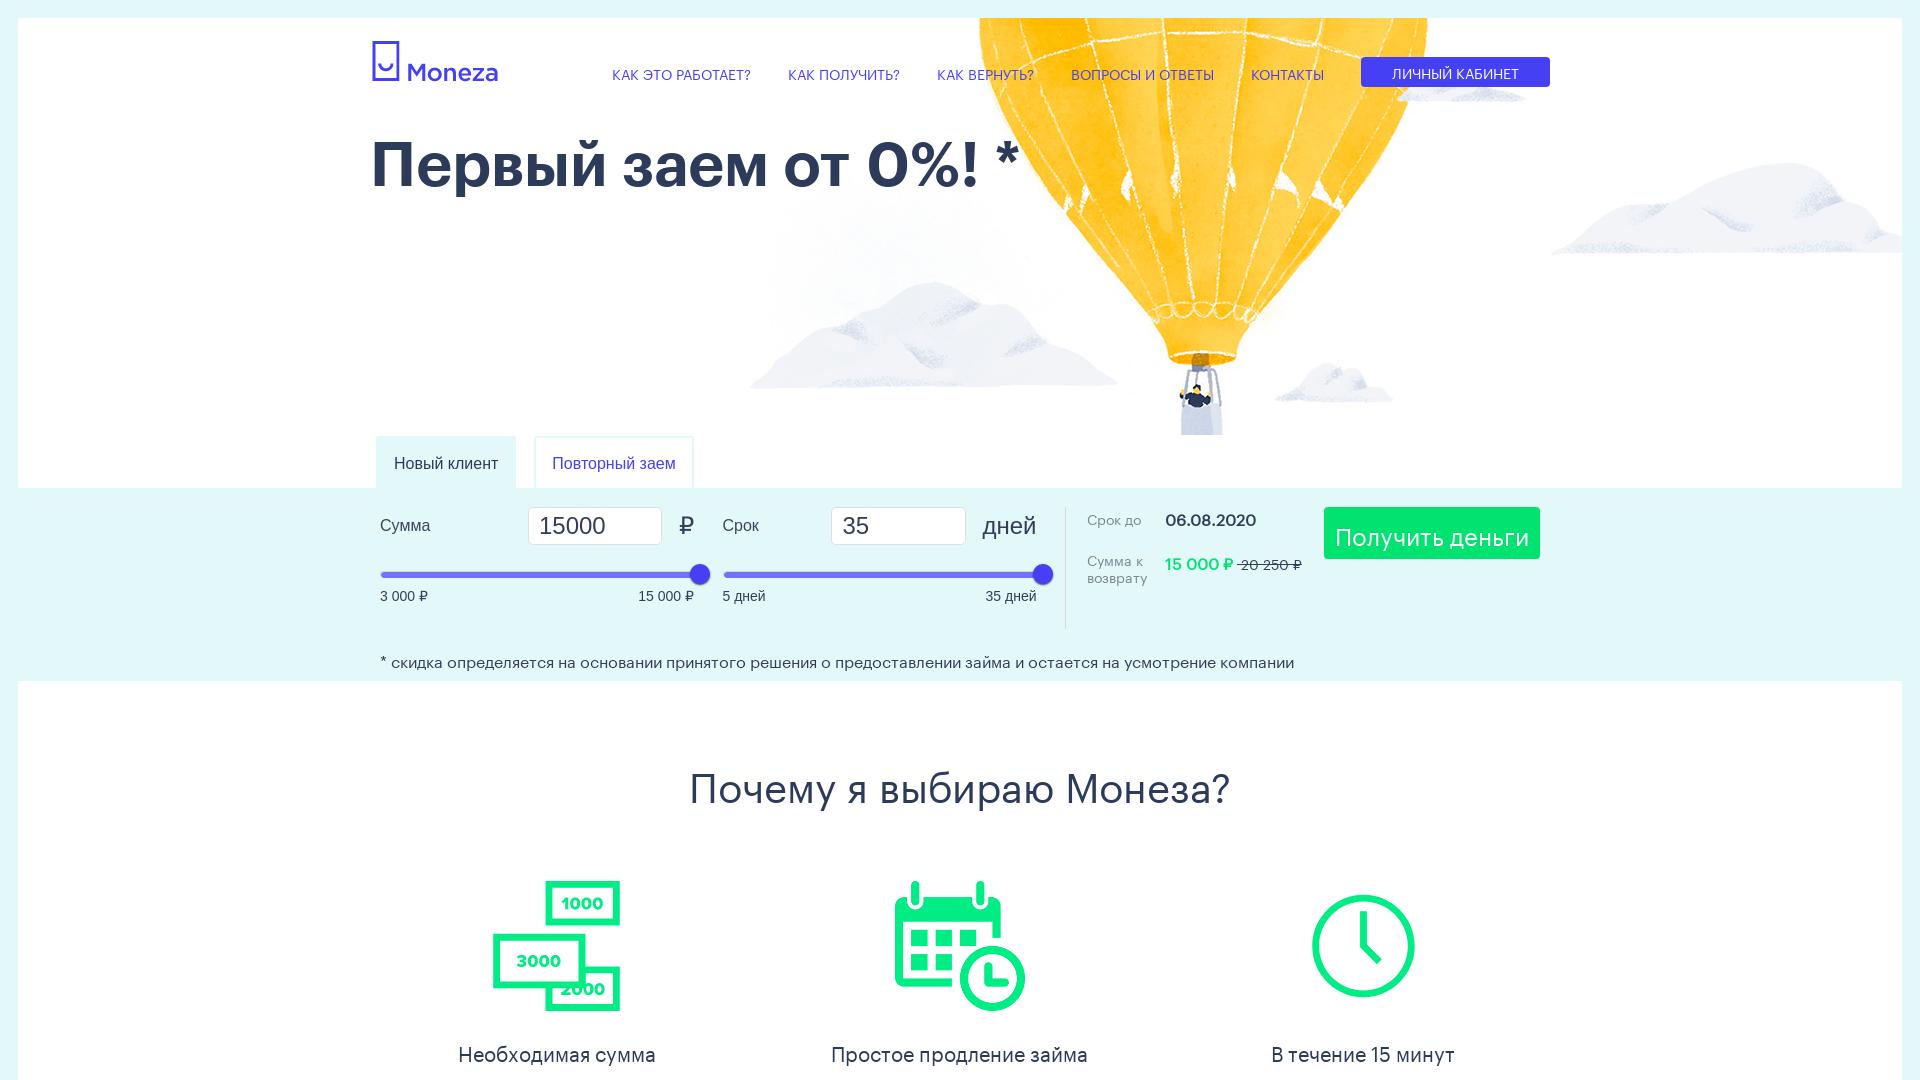 Moneza [CPS] RU website